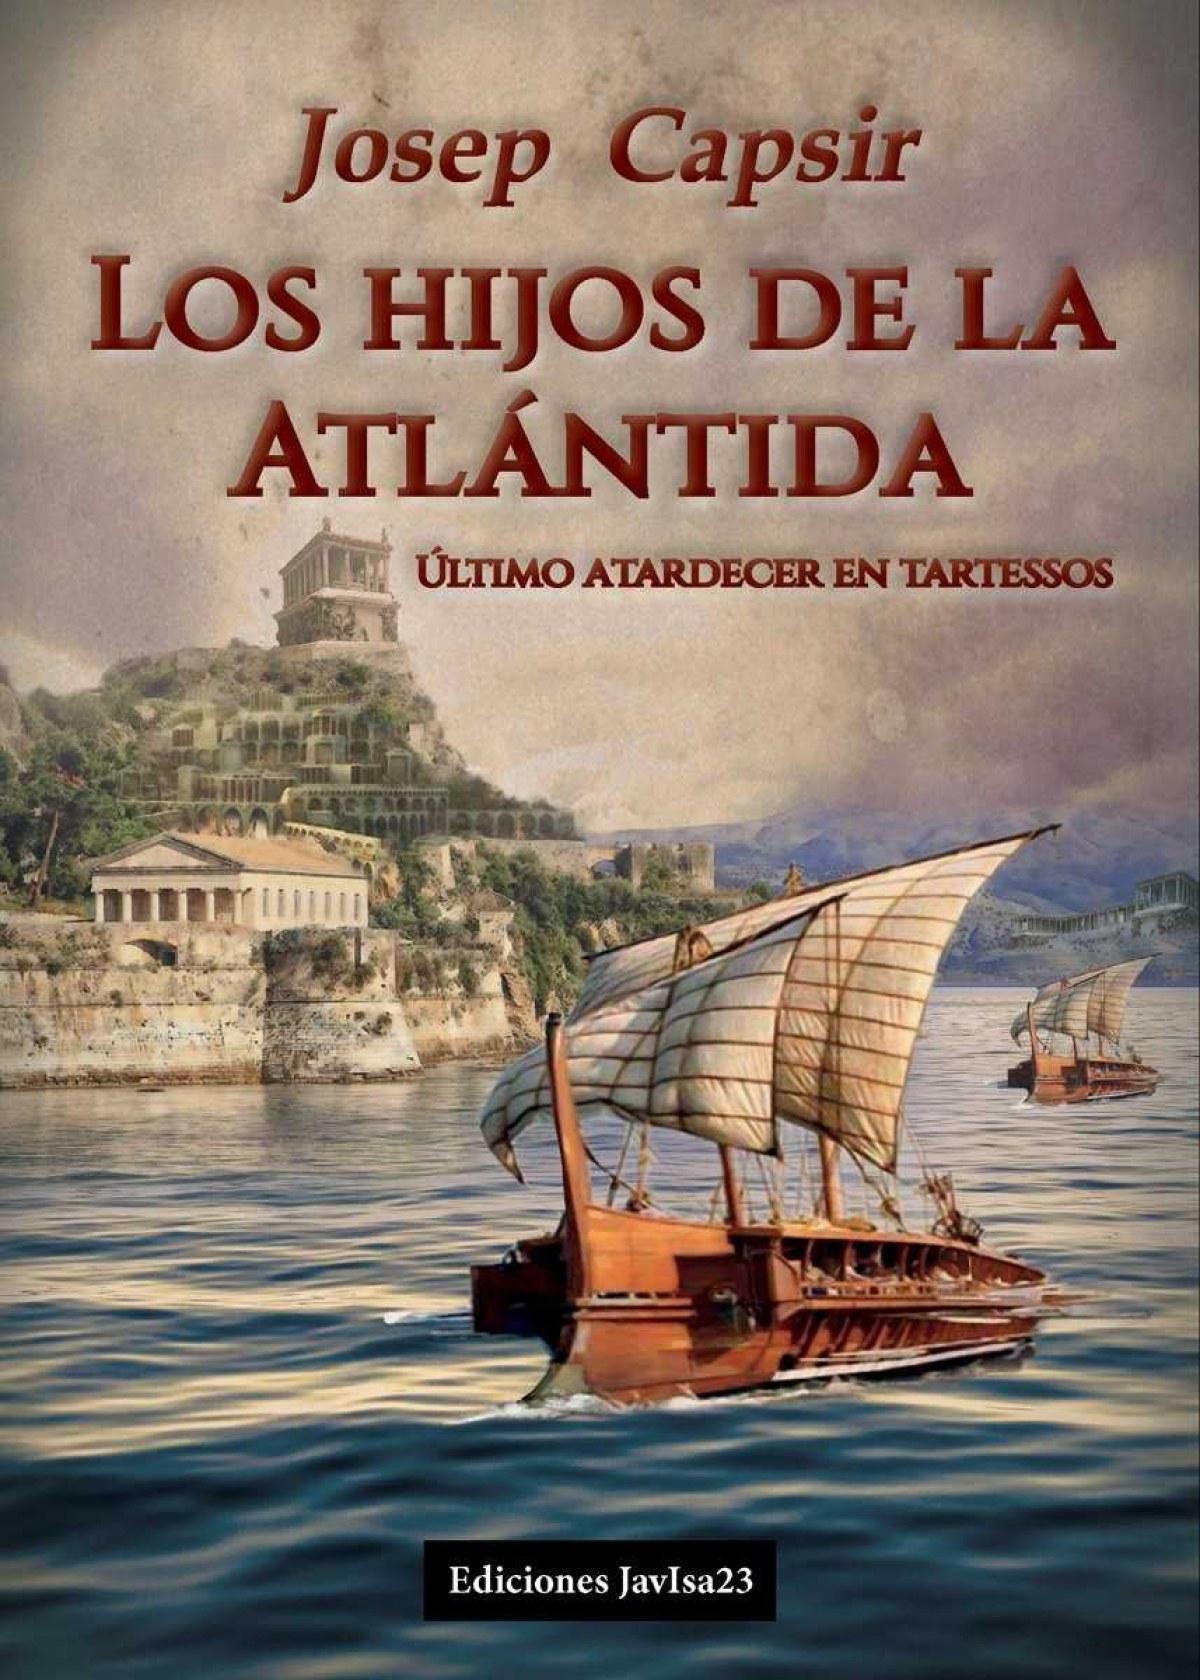 LOS HIJOS DE LA ATLÁNTIDA 9788416887224